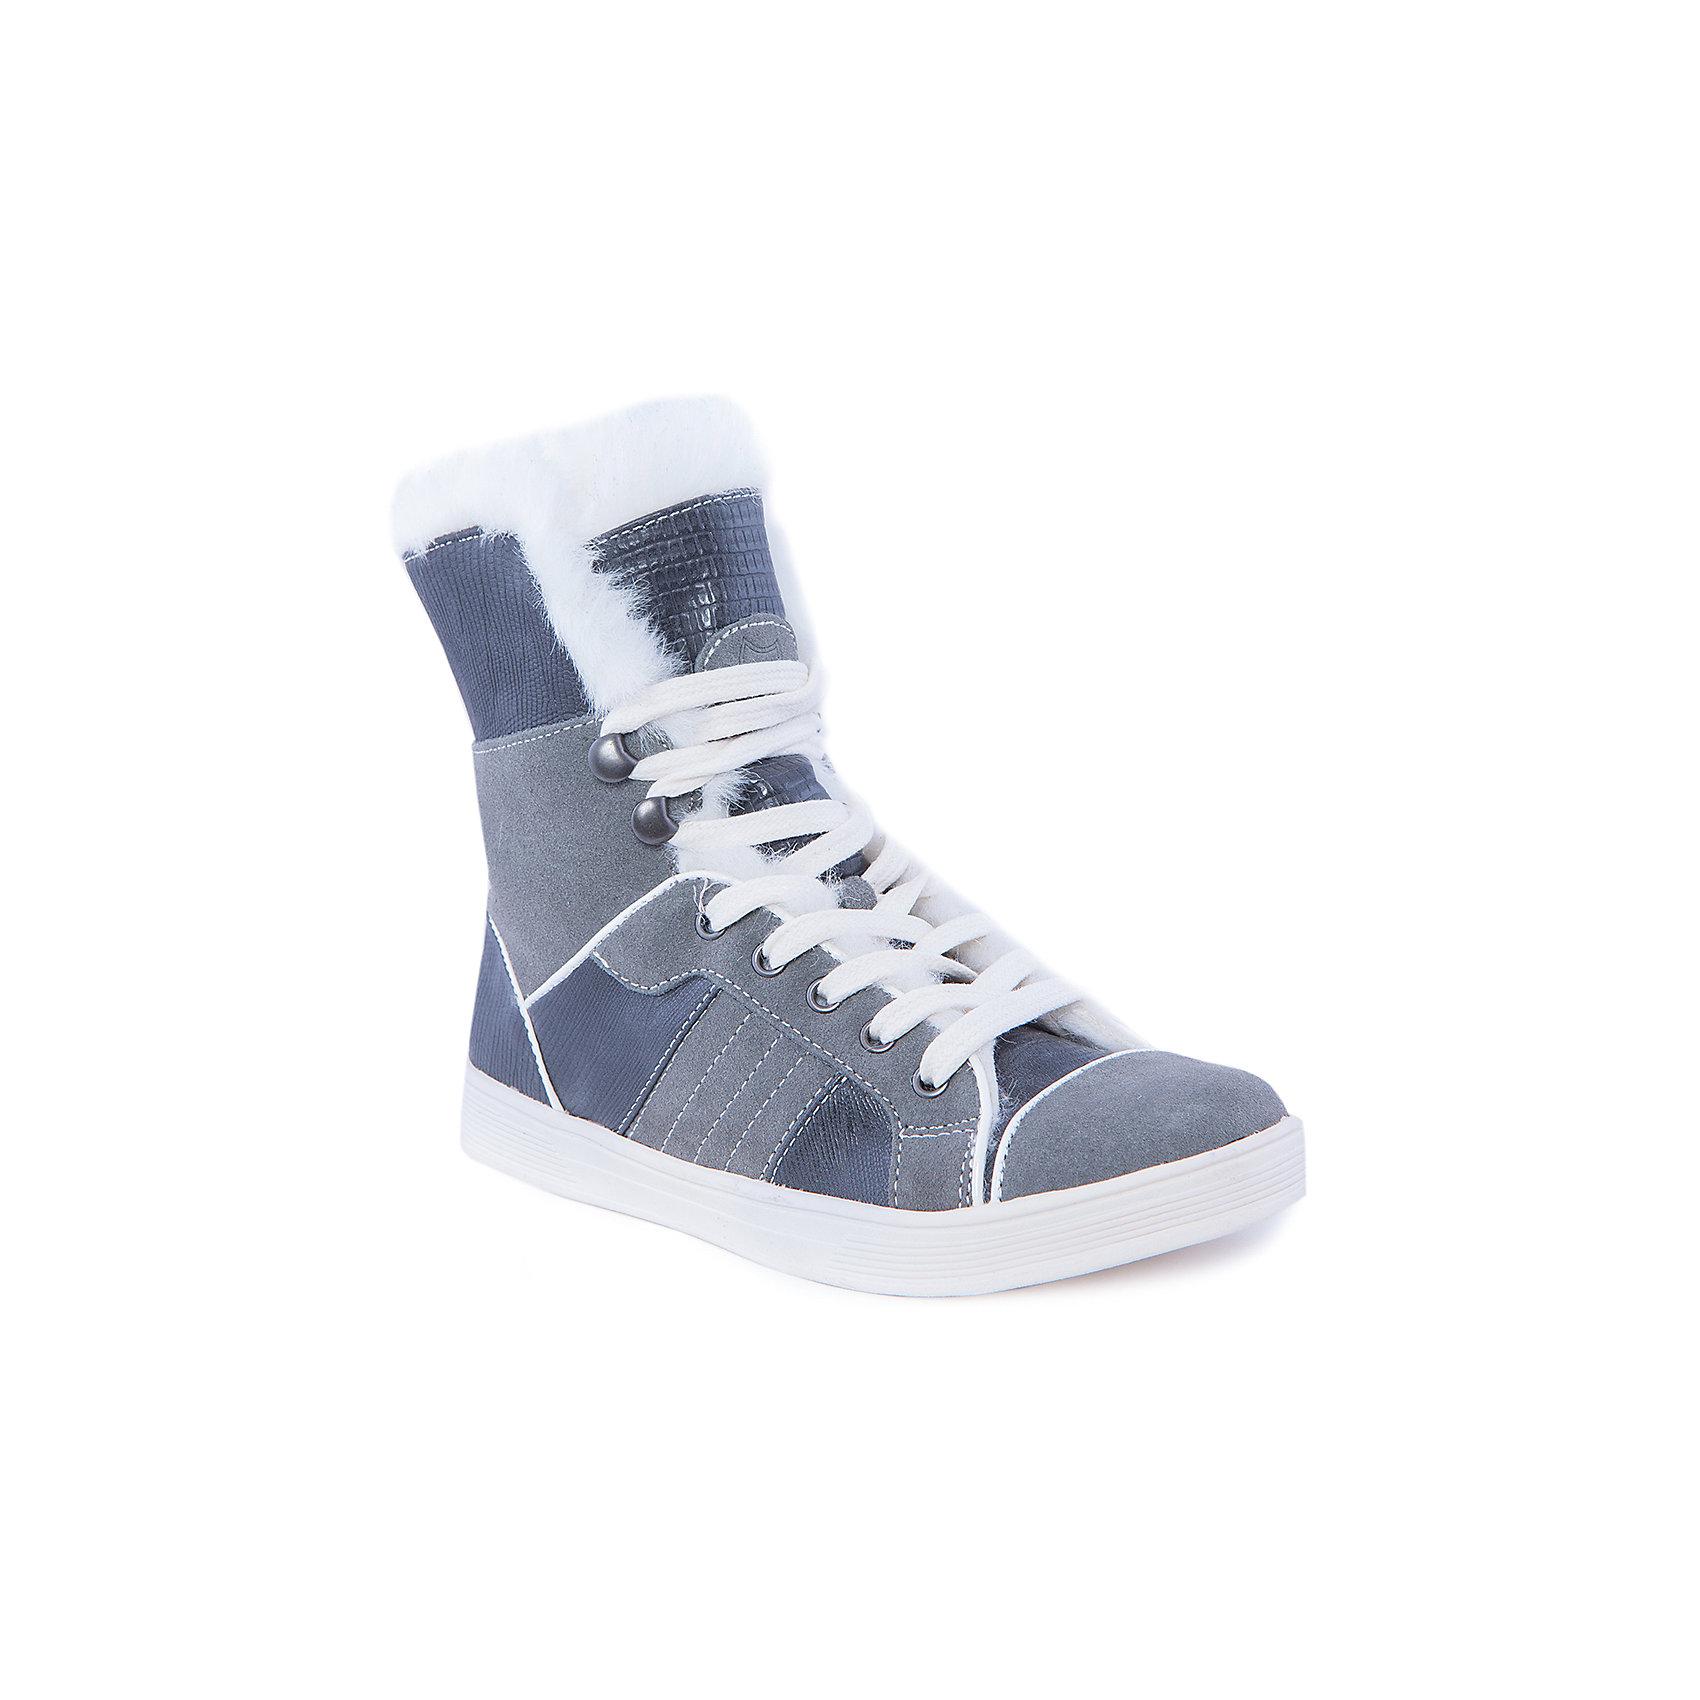 Ботинки для девочки КотофейБотинки для девочки от известного российского бренда Котофей придутся по вкусу всем юным модницам. Невероятно стильная и при этом практичная модель. Ботинки на плоской рифленой подошве завязываются на шнурки, декорированы прострочкой и вставками из искусственной кожи. Модель имеет мягкую подкладку из шерстяного меха, что обеспечивает комфорт и тепло в любую погоду. <br><br>Дополнительная информация:<br><br>- Сезон: осень/зима.<br>- Температурный режим: от 0? до - 10?.<br>- Тип застежки:  шнурки.<br>- Декоративные элементы:  прострочка, вставки из кожи.<br>Параметры для размера 34<br>- Толщина подошвы: 2 см.<br>- Высота каблука: 2 см.<br>- Длина стопы: 21,5 см.<br>Состав:<br>искусственная кожа, замша,<br>подкладка: шерстяной мех,<br>подошва - ТЭП.<br><br>Ботинки для девочки Котофей можно купить в нашем магазине.<br><br>Ширина мм: 262<br>Глубина мм: 176<br>Высота мм: 97<br>Вес г: 427<br>Цвет: серый<br>Возраст от месяцев: 120<br>Возраст до месяцев: 132<br>Пол: Женский<br>Возраст: Детский<br>Размер: 34,35,36,38,34,37,36,38,37,35<br>SKU: 4248450